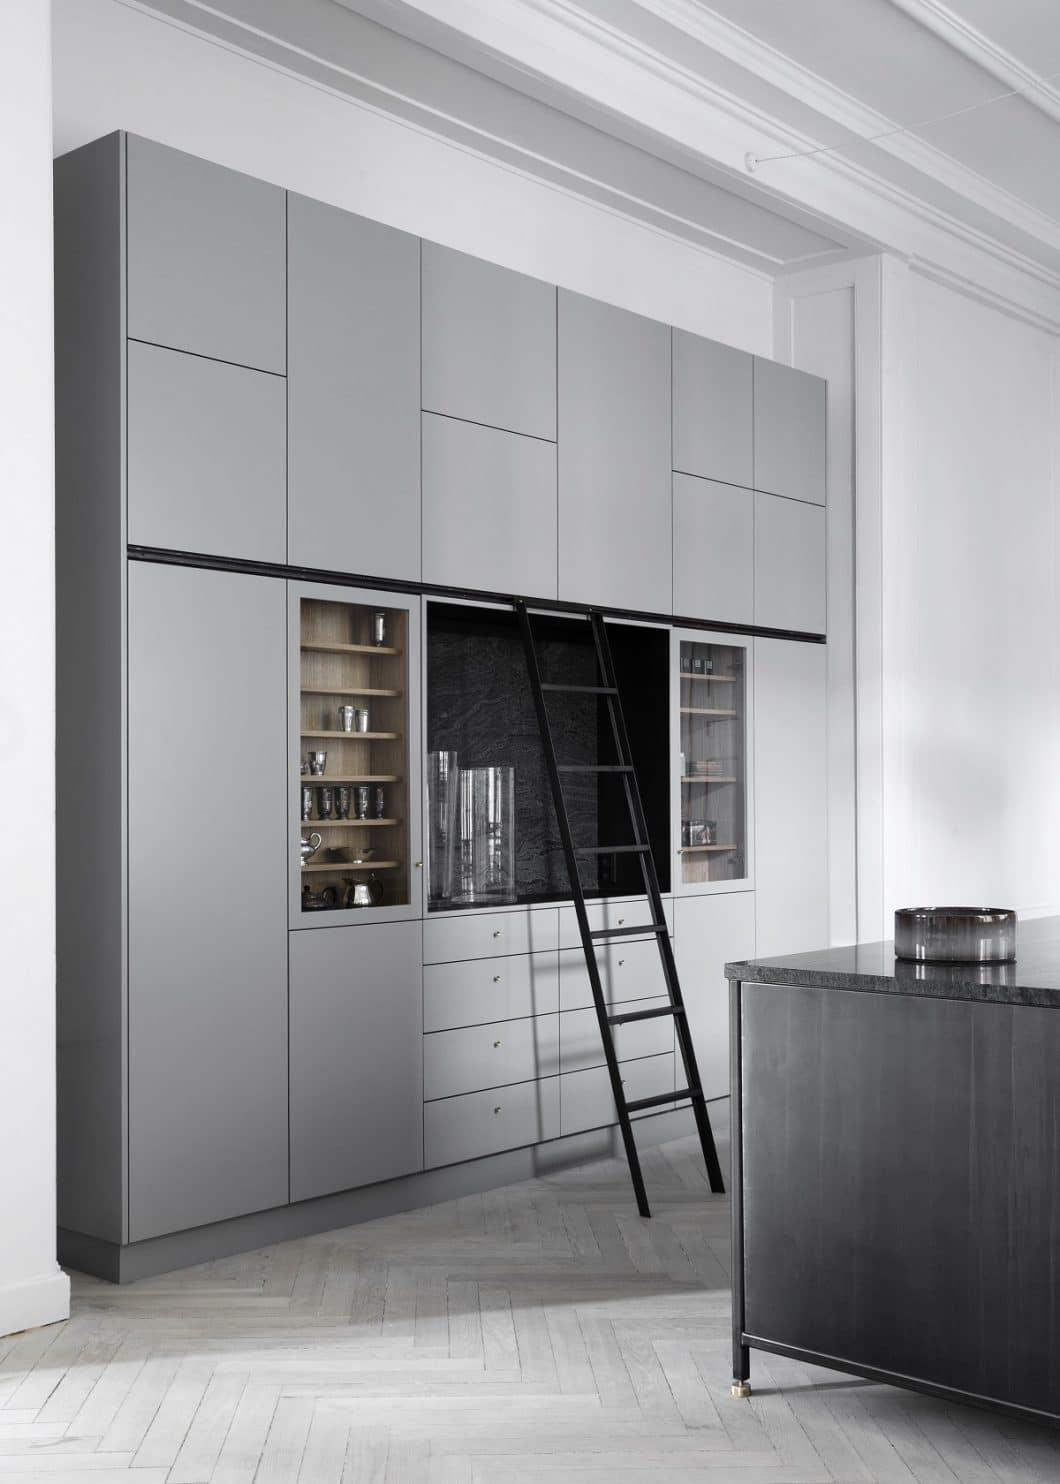 Großzügig Küche Entwirft Fotos Für Kleine Küche Bilder - Küche Set ...